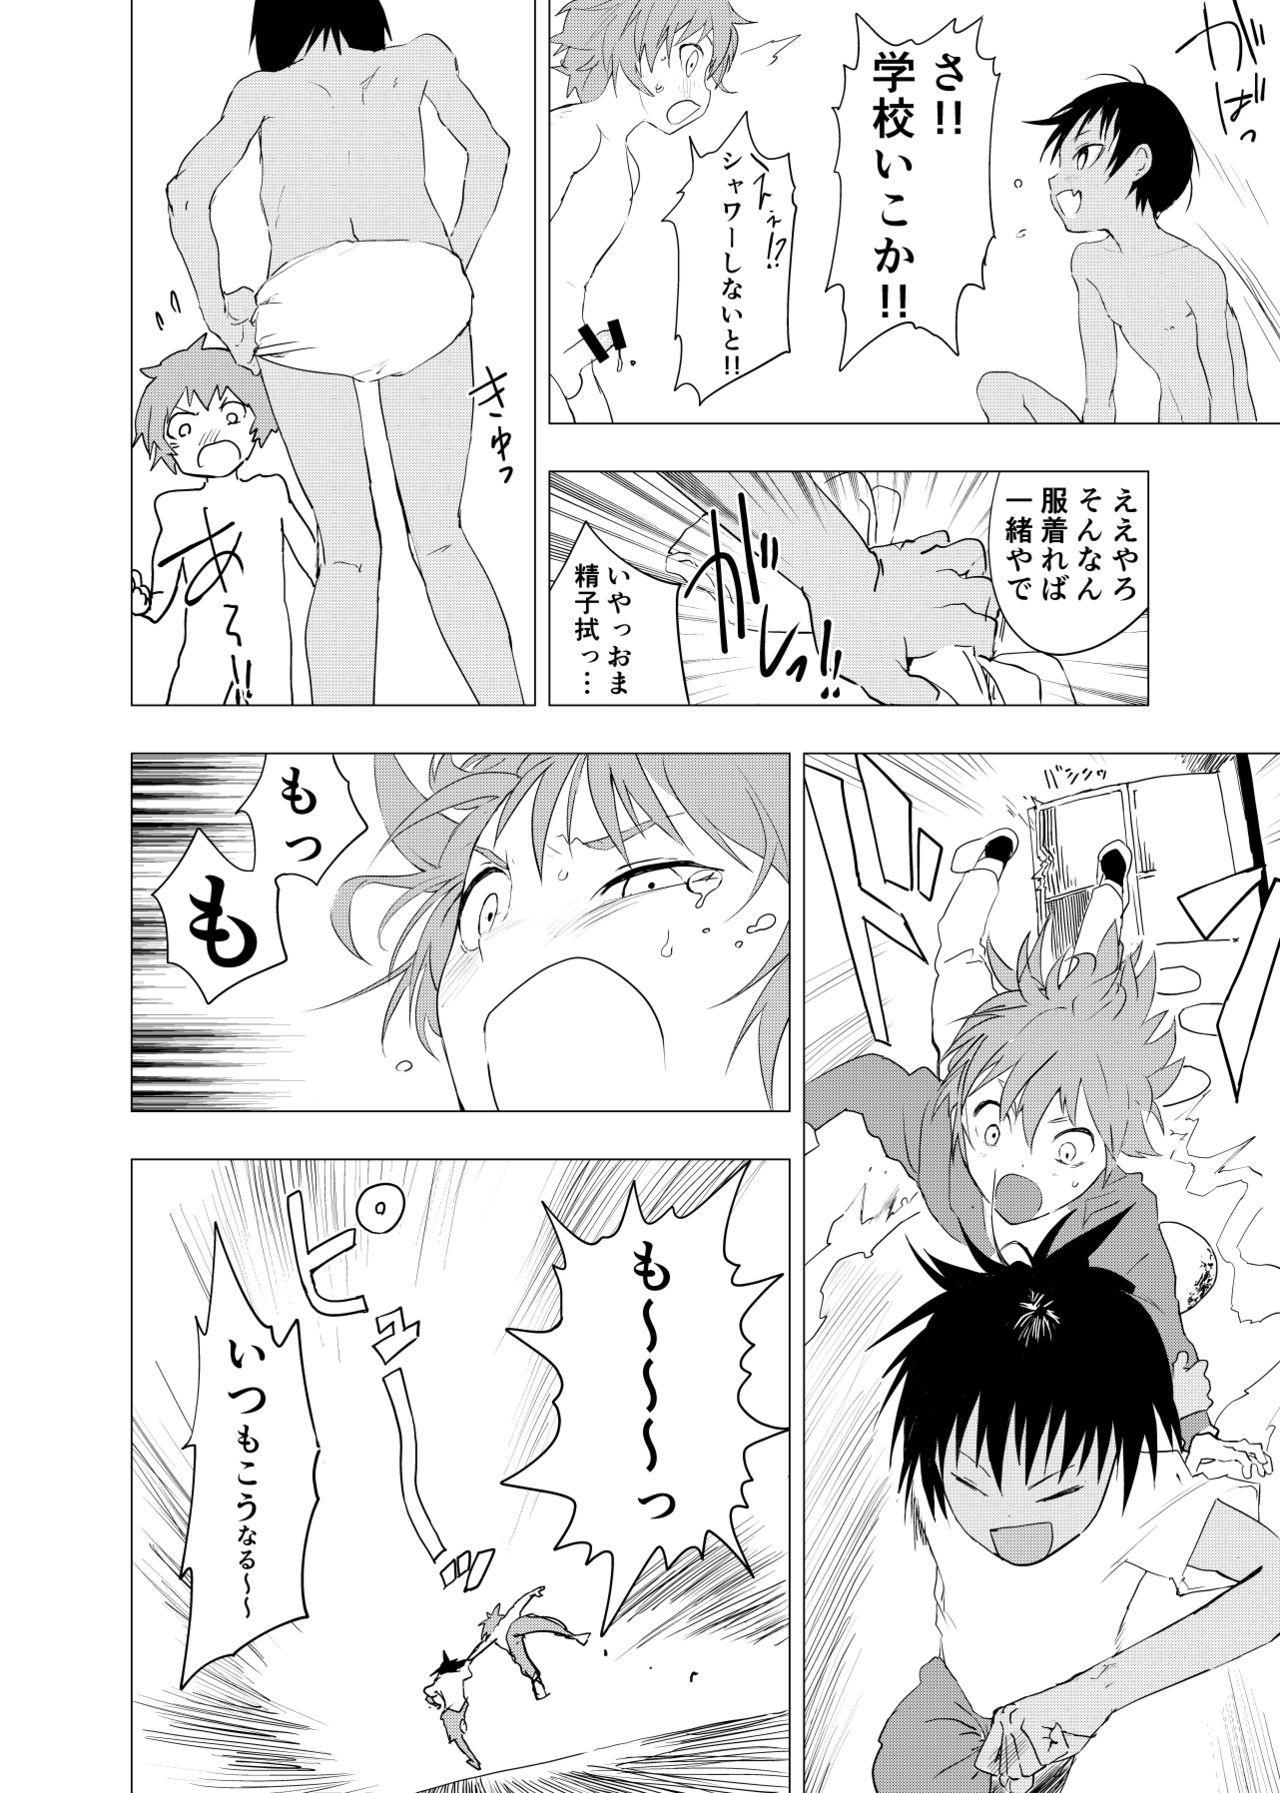 Inaka no Uke Shounen to Tokai no Seme Shounen no Ero Manga 1-6 137